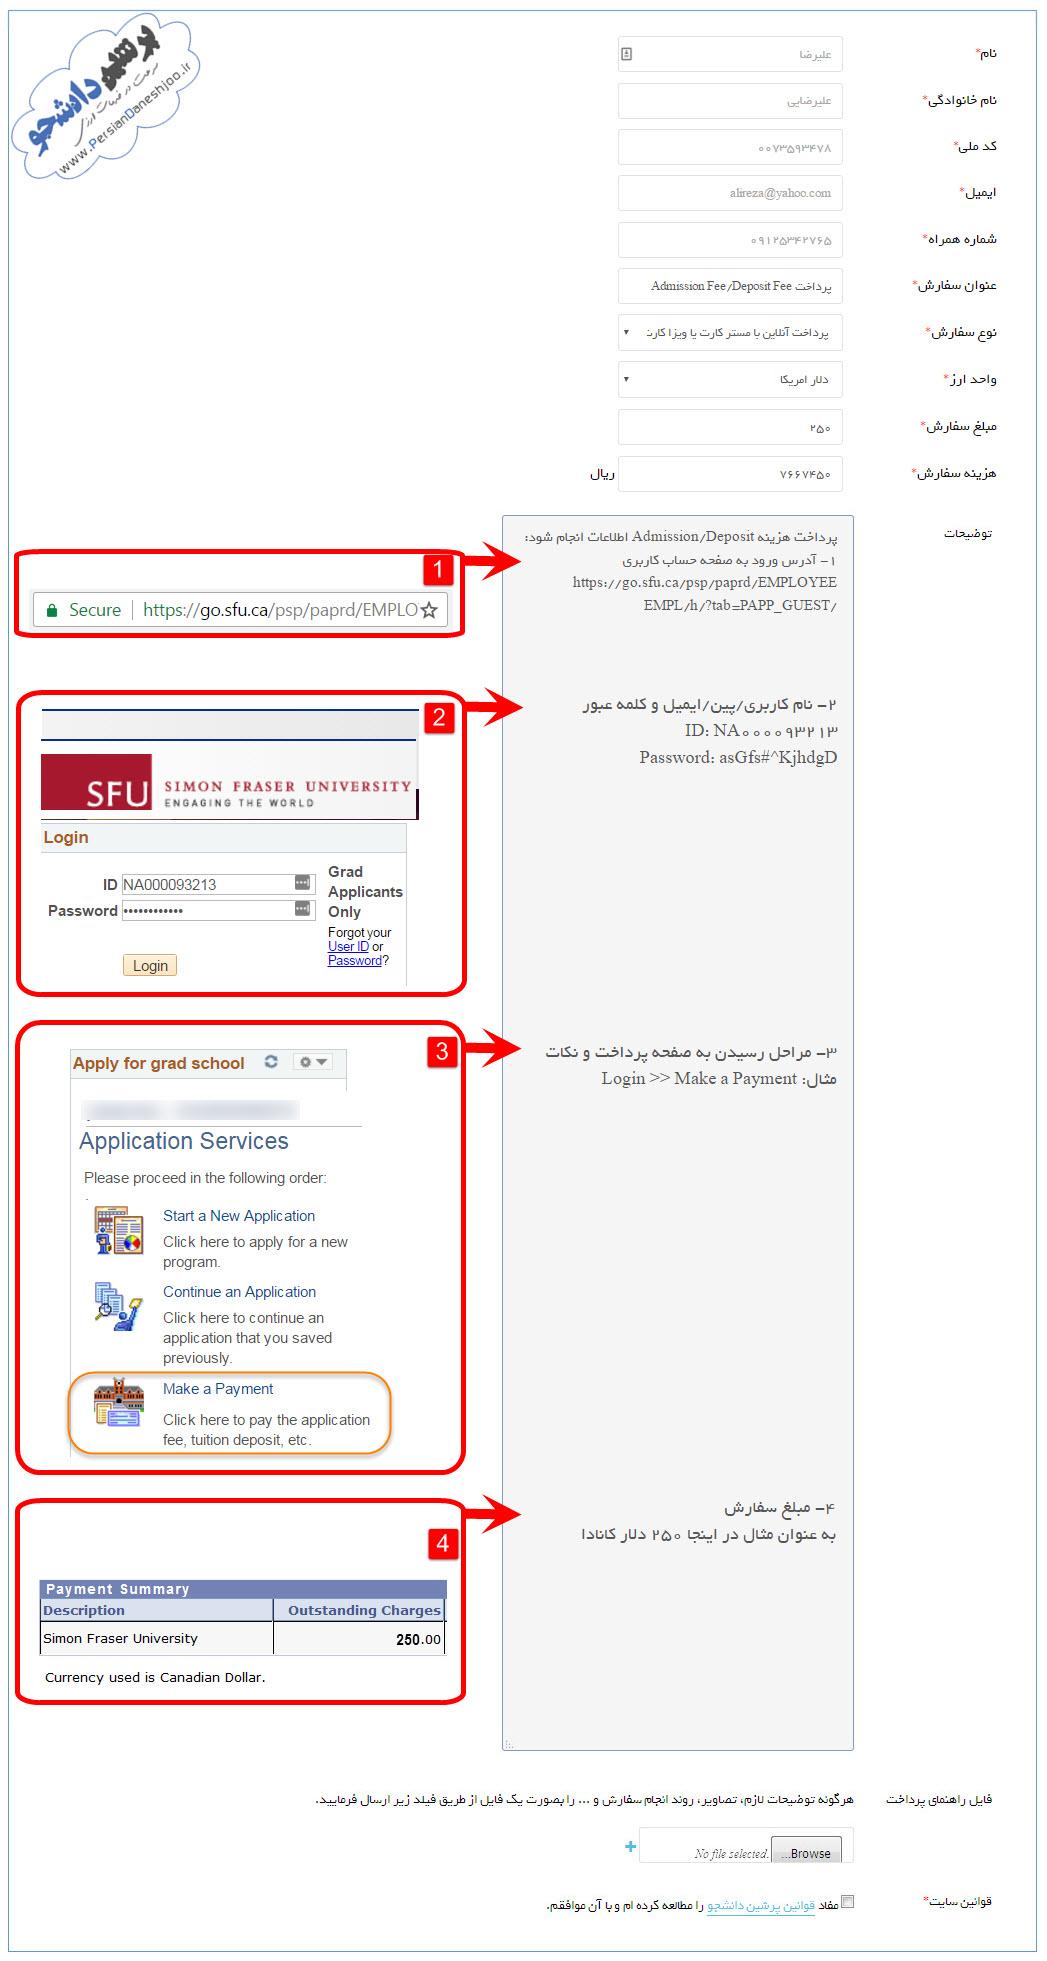 پرداخت هزینه Admission Fee/Deposit Fee دانشگاه ها